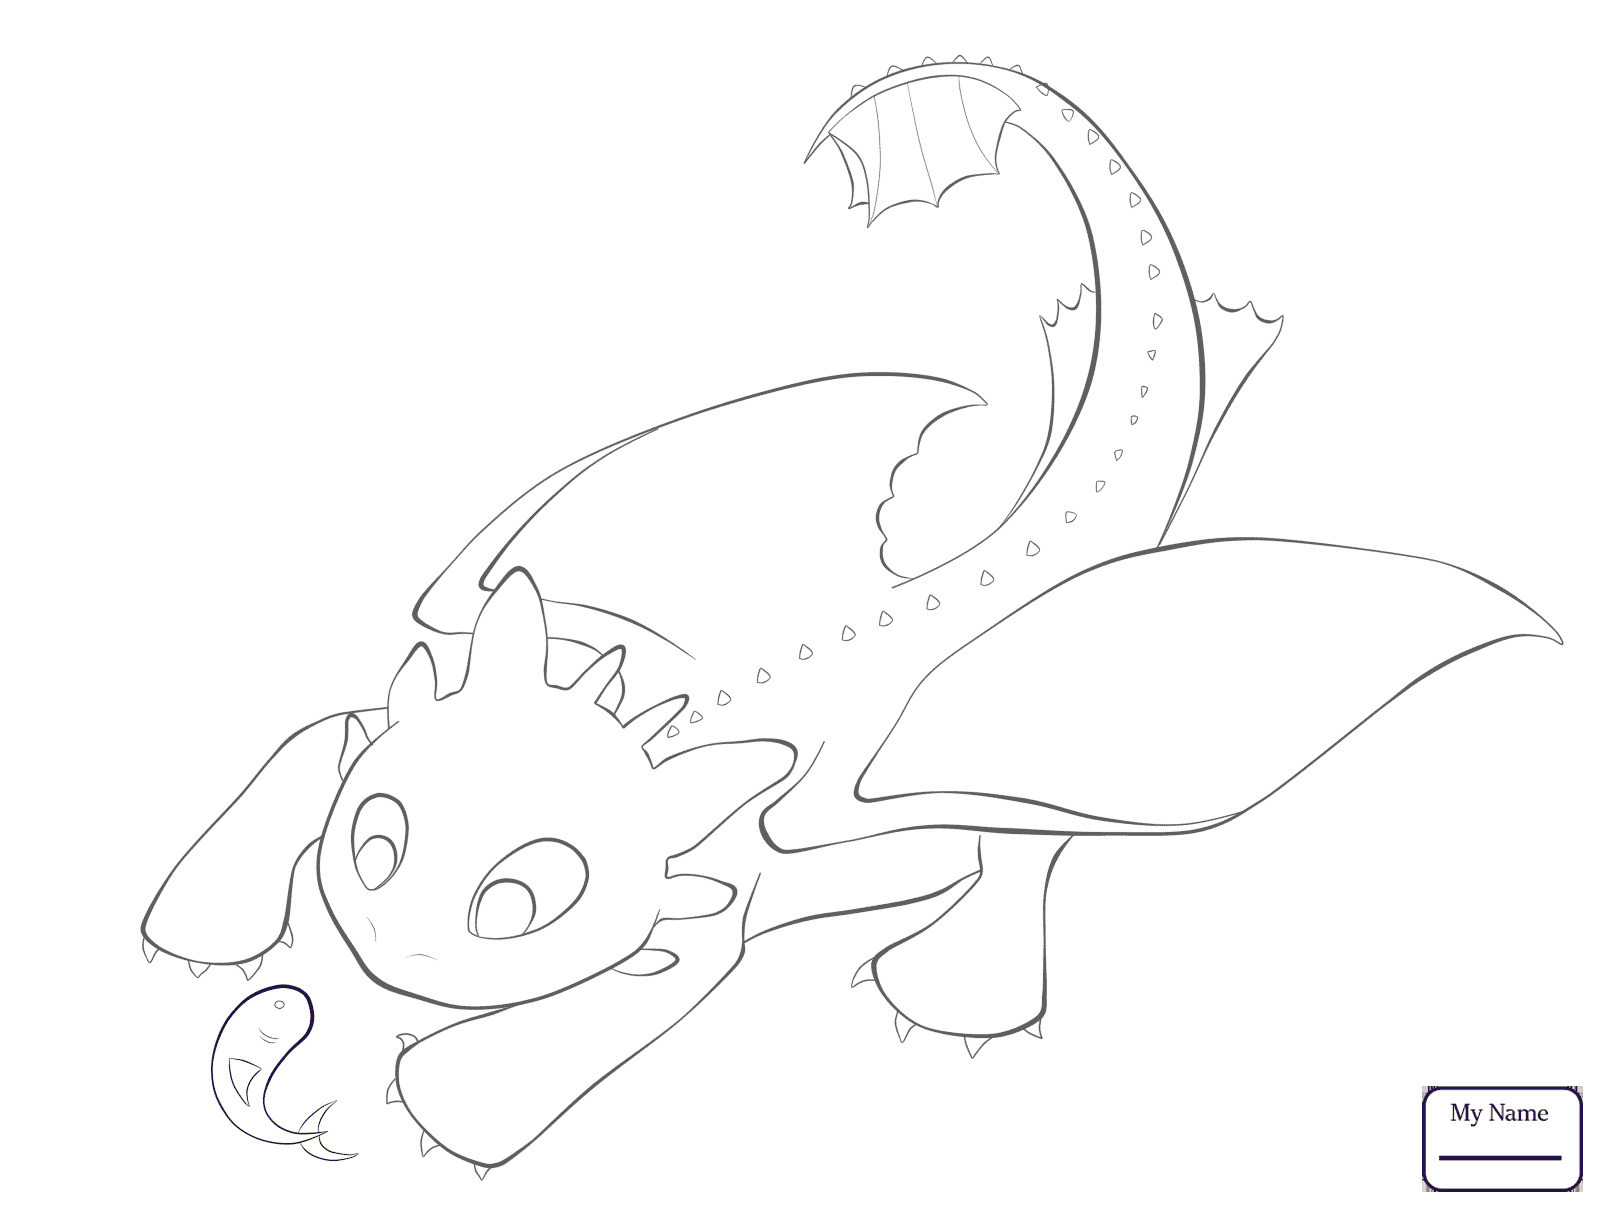 Ausmalbilder Dragons Auf Zu Neuen Ufern Das Beste Von Schön Malvorlagen Dragons Skrill Art Von Malvorlagen Neu Sammlung